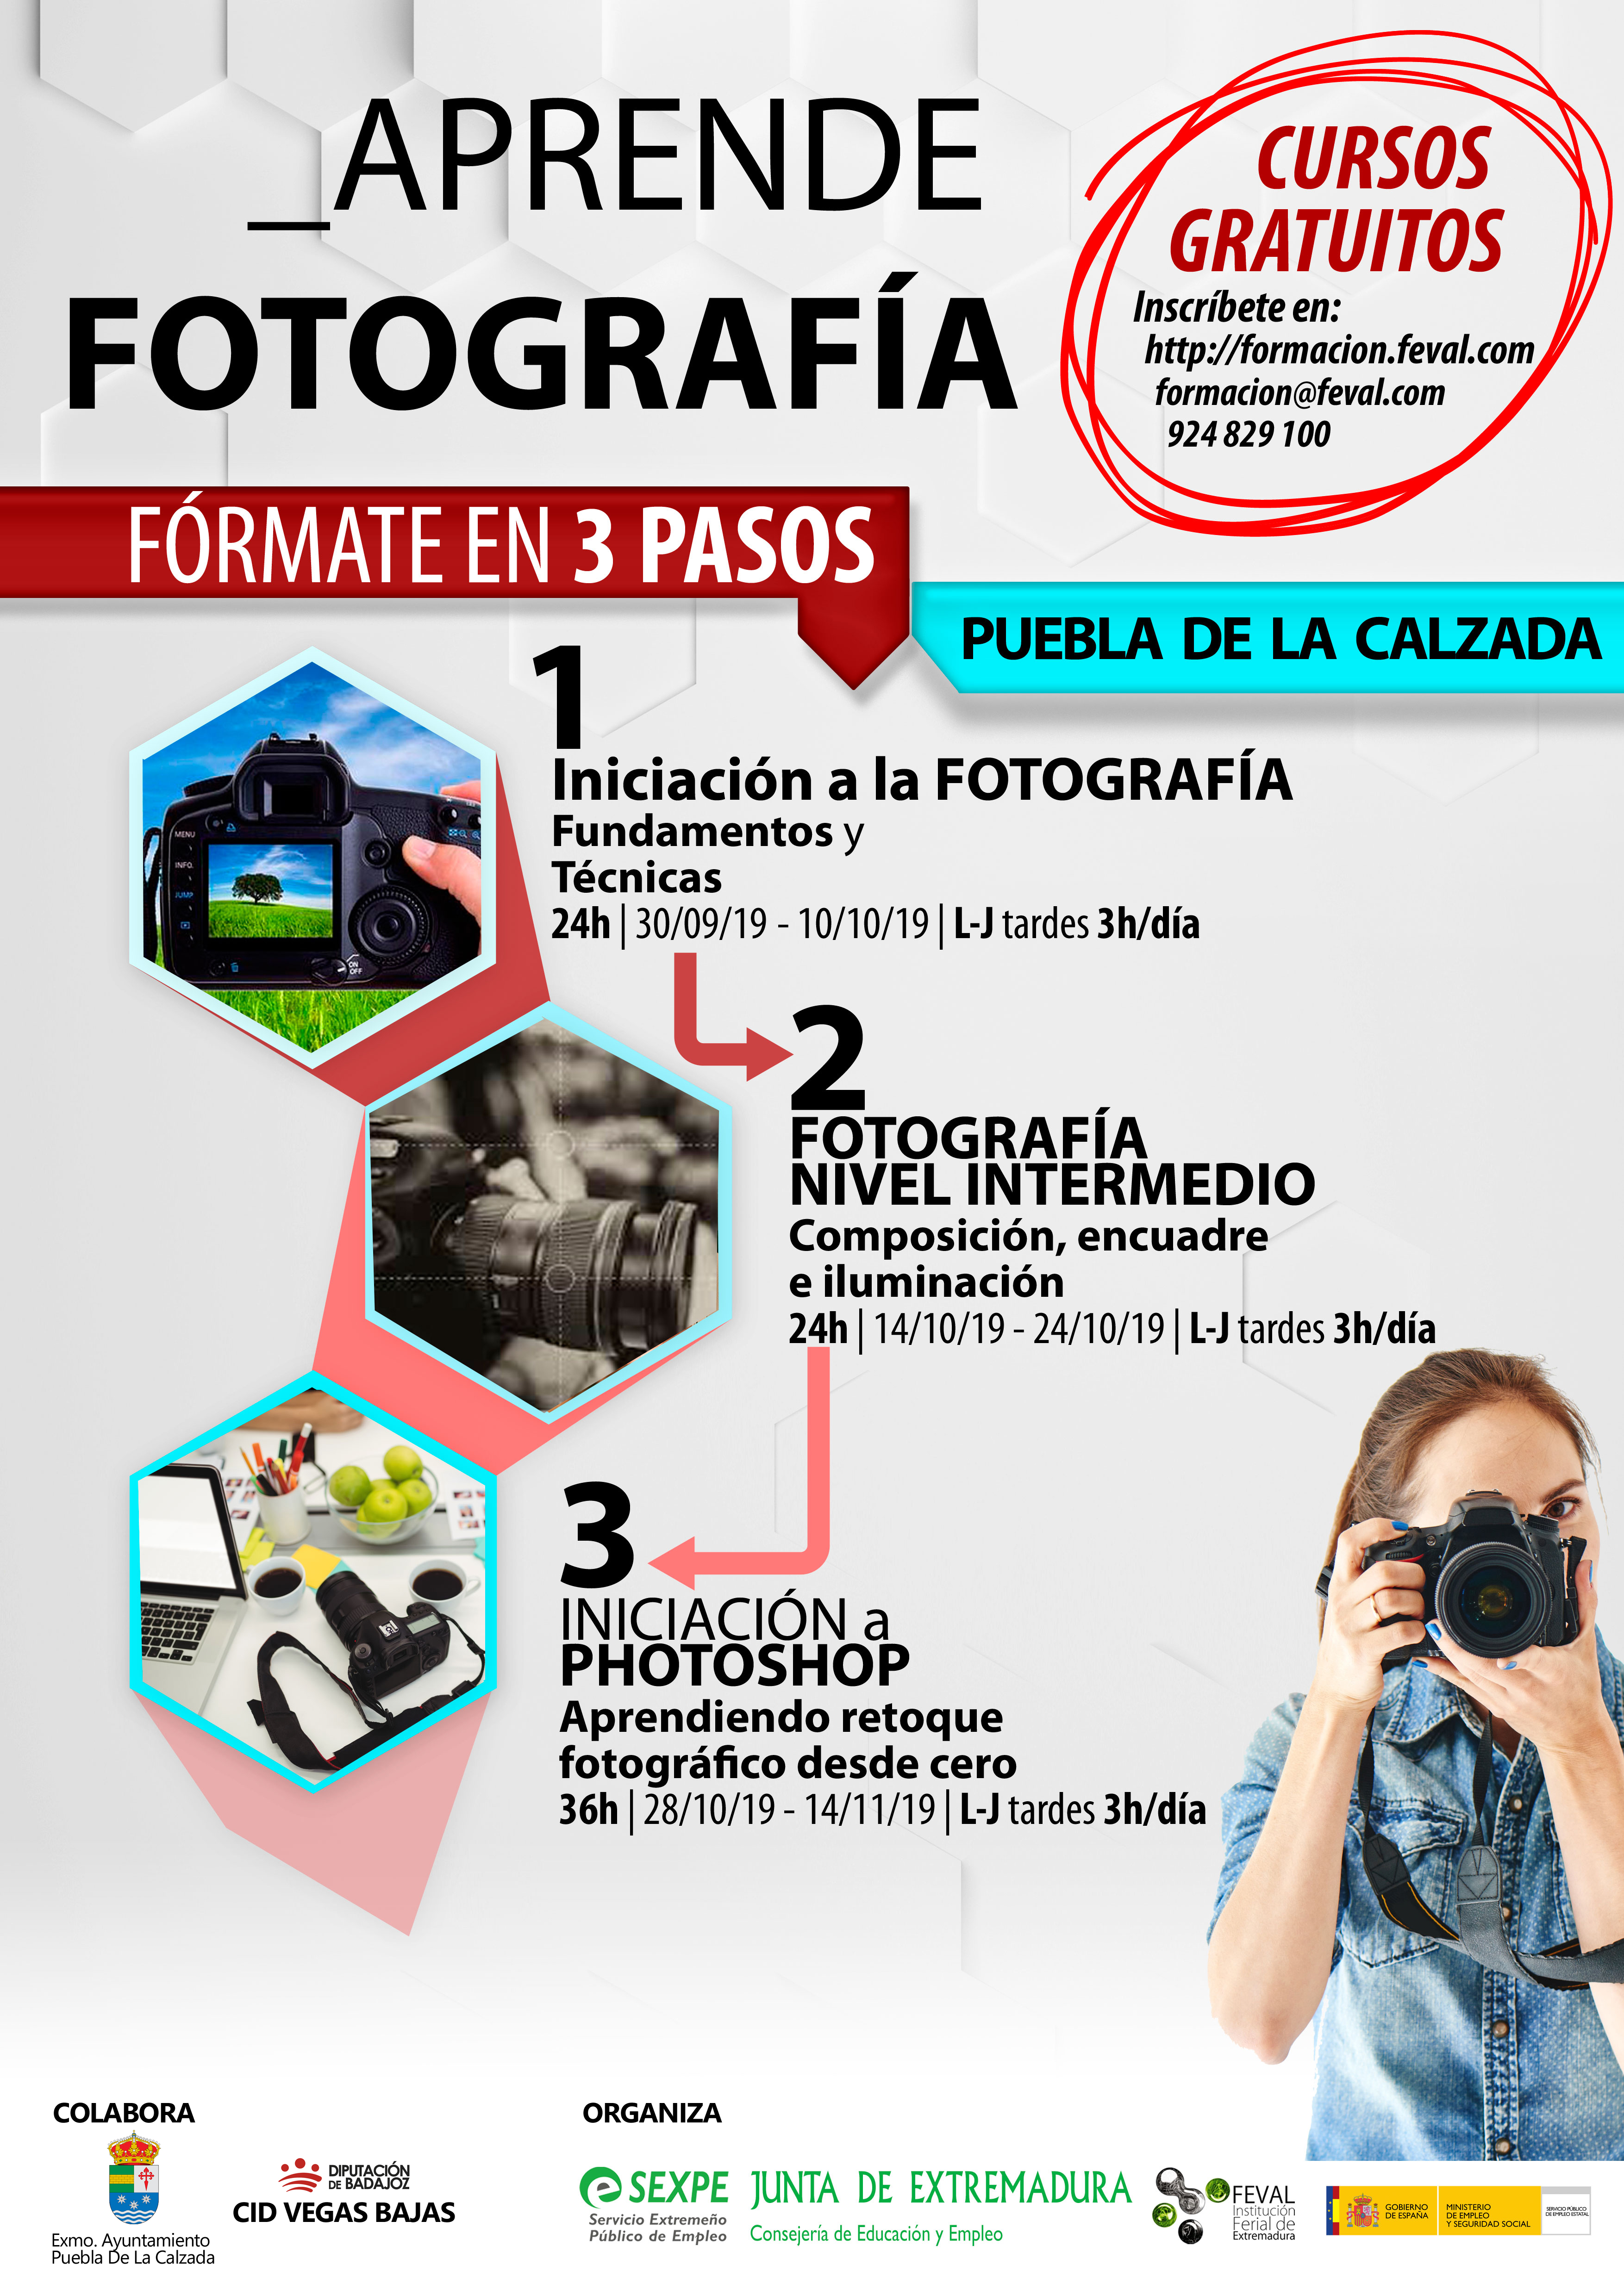 CURSOS GRATUITOS DE FOTOGRAFÍA PARA DESEMPLEADOS